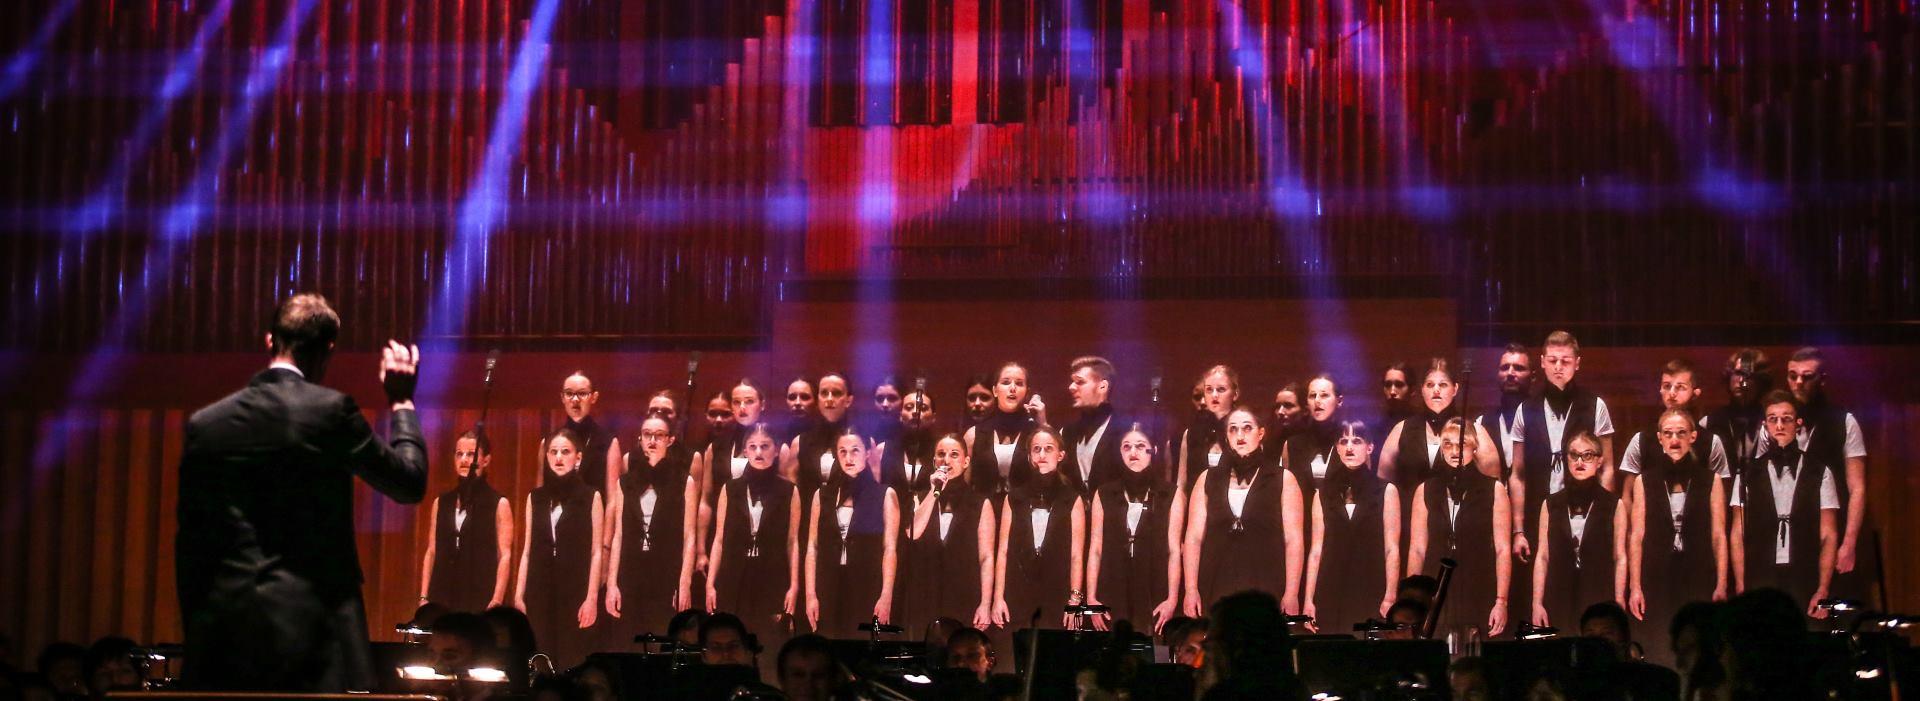 FOTO: OFF CIKLUS Održan božićni koncert Zagrebačke filharmonije u suradnji s Pjevačkom školom Husar&Tomčić